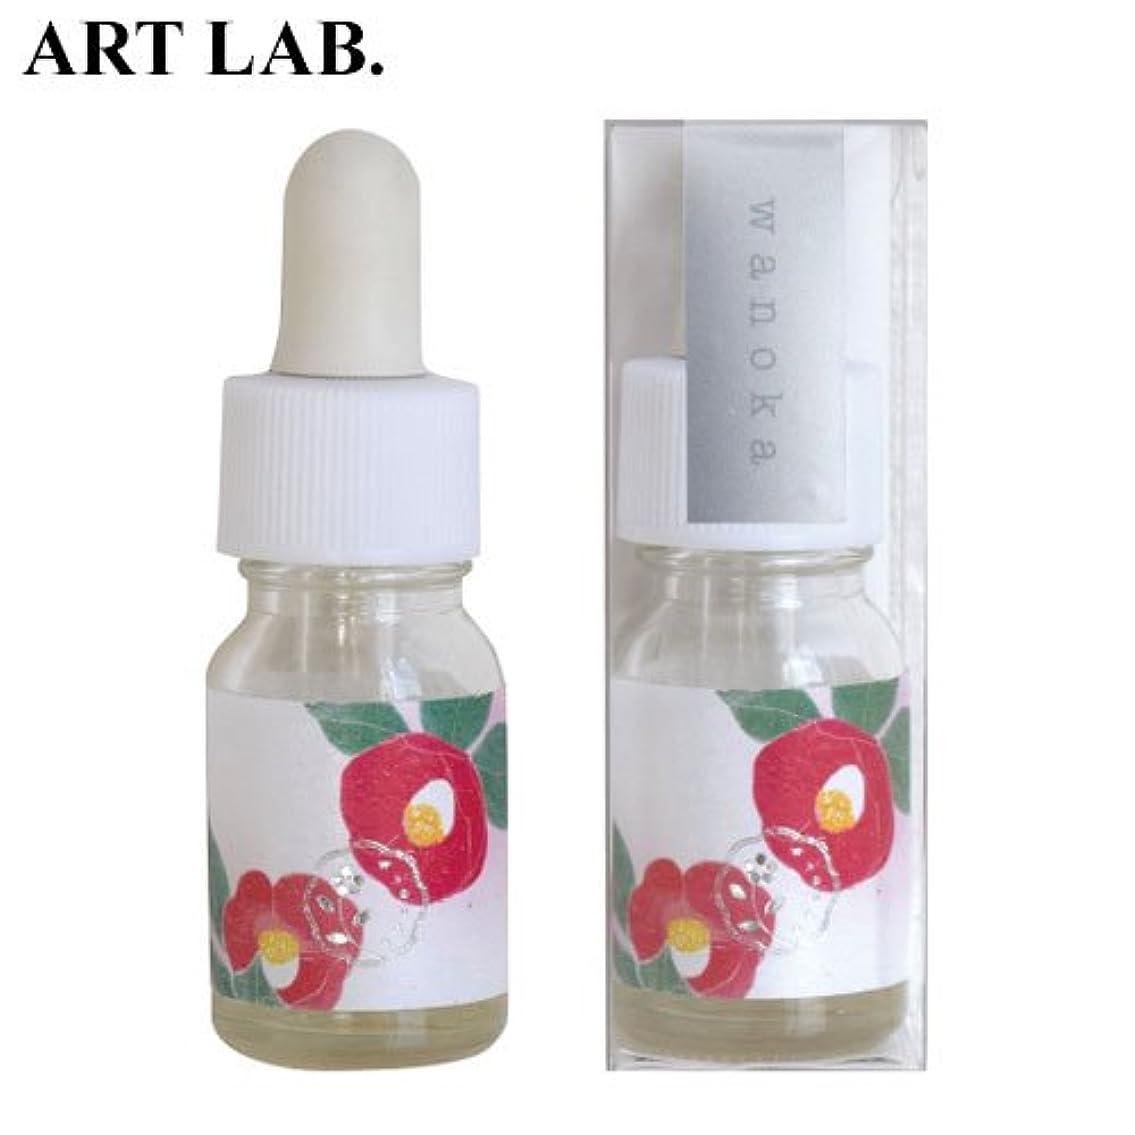 最後に豚息切れwanoka香油アロマオイル椿《おしとやかで深みのある香り》ART LABAromatic oil